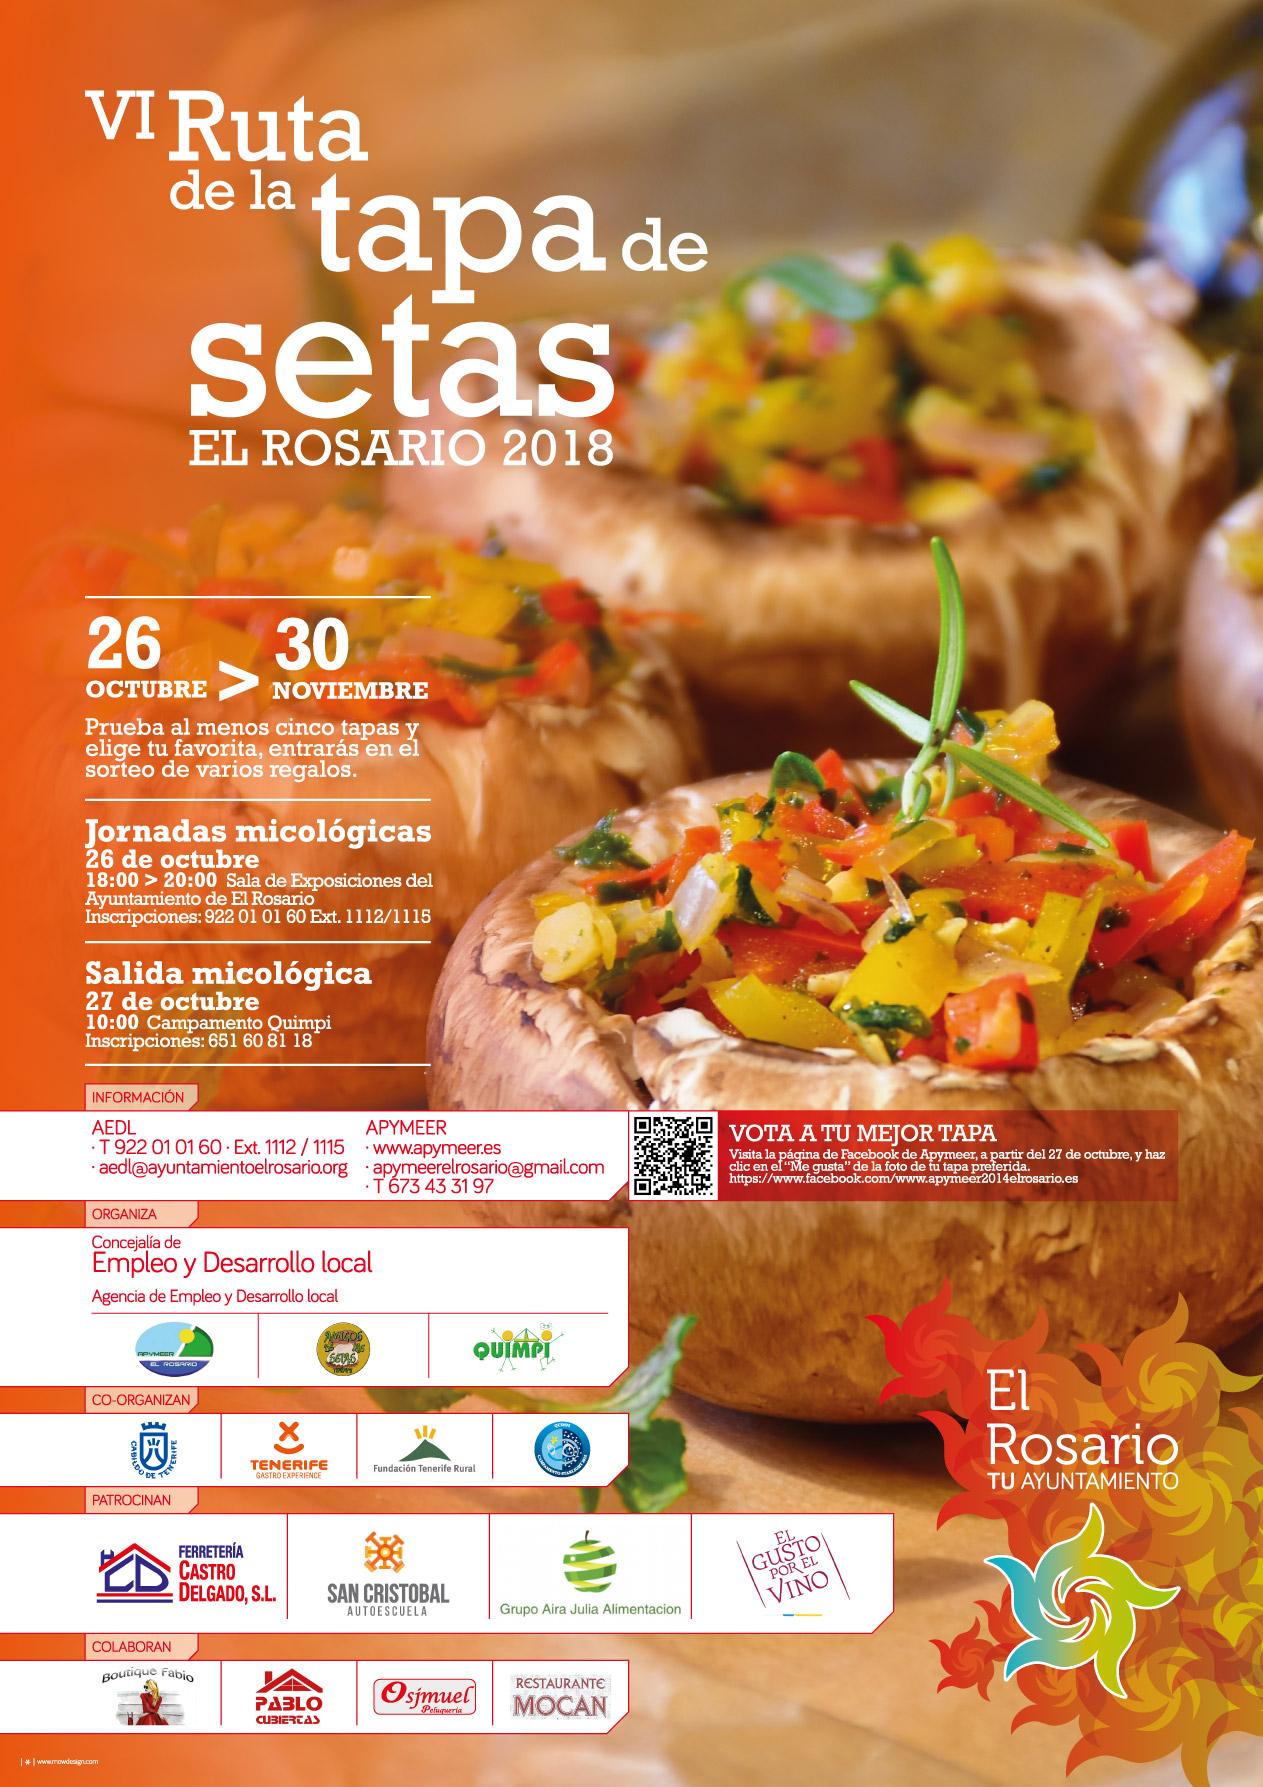 VI_RUTA_TAPA_SETAS-20181026-CARTEL-A3-20181015-01af-redes